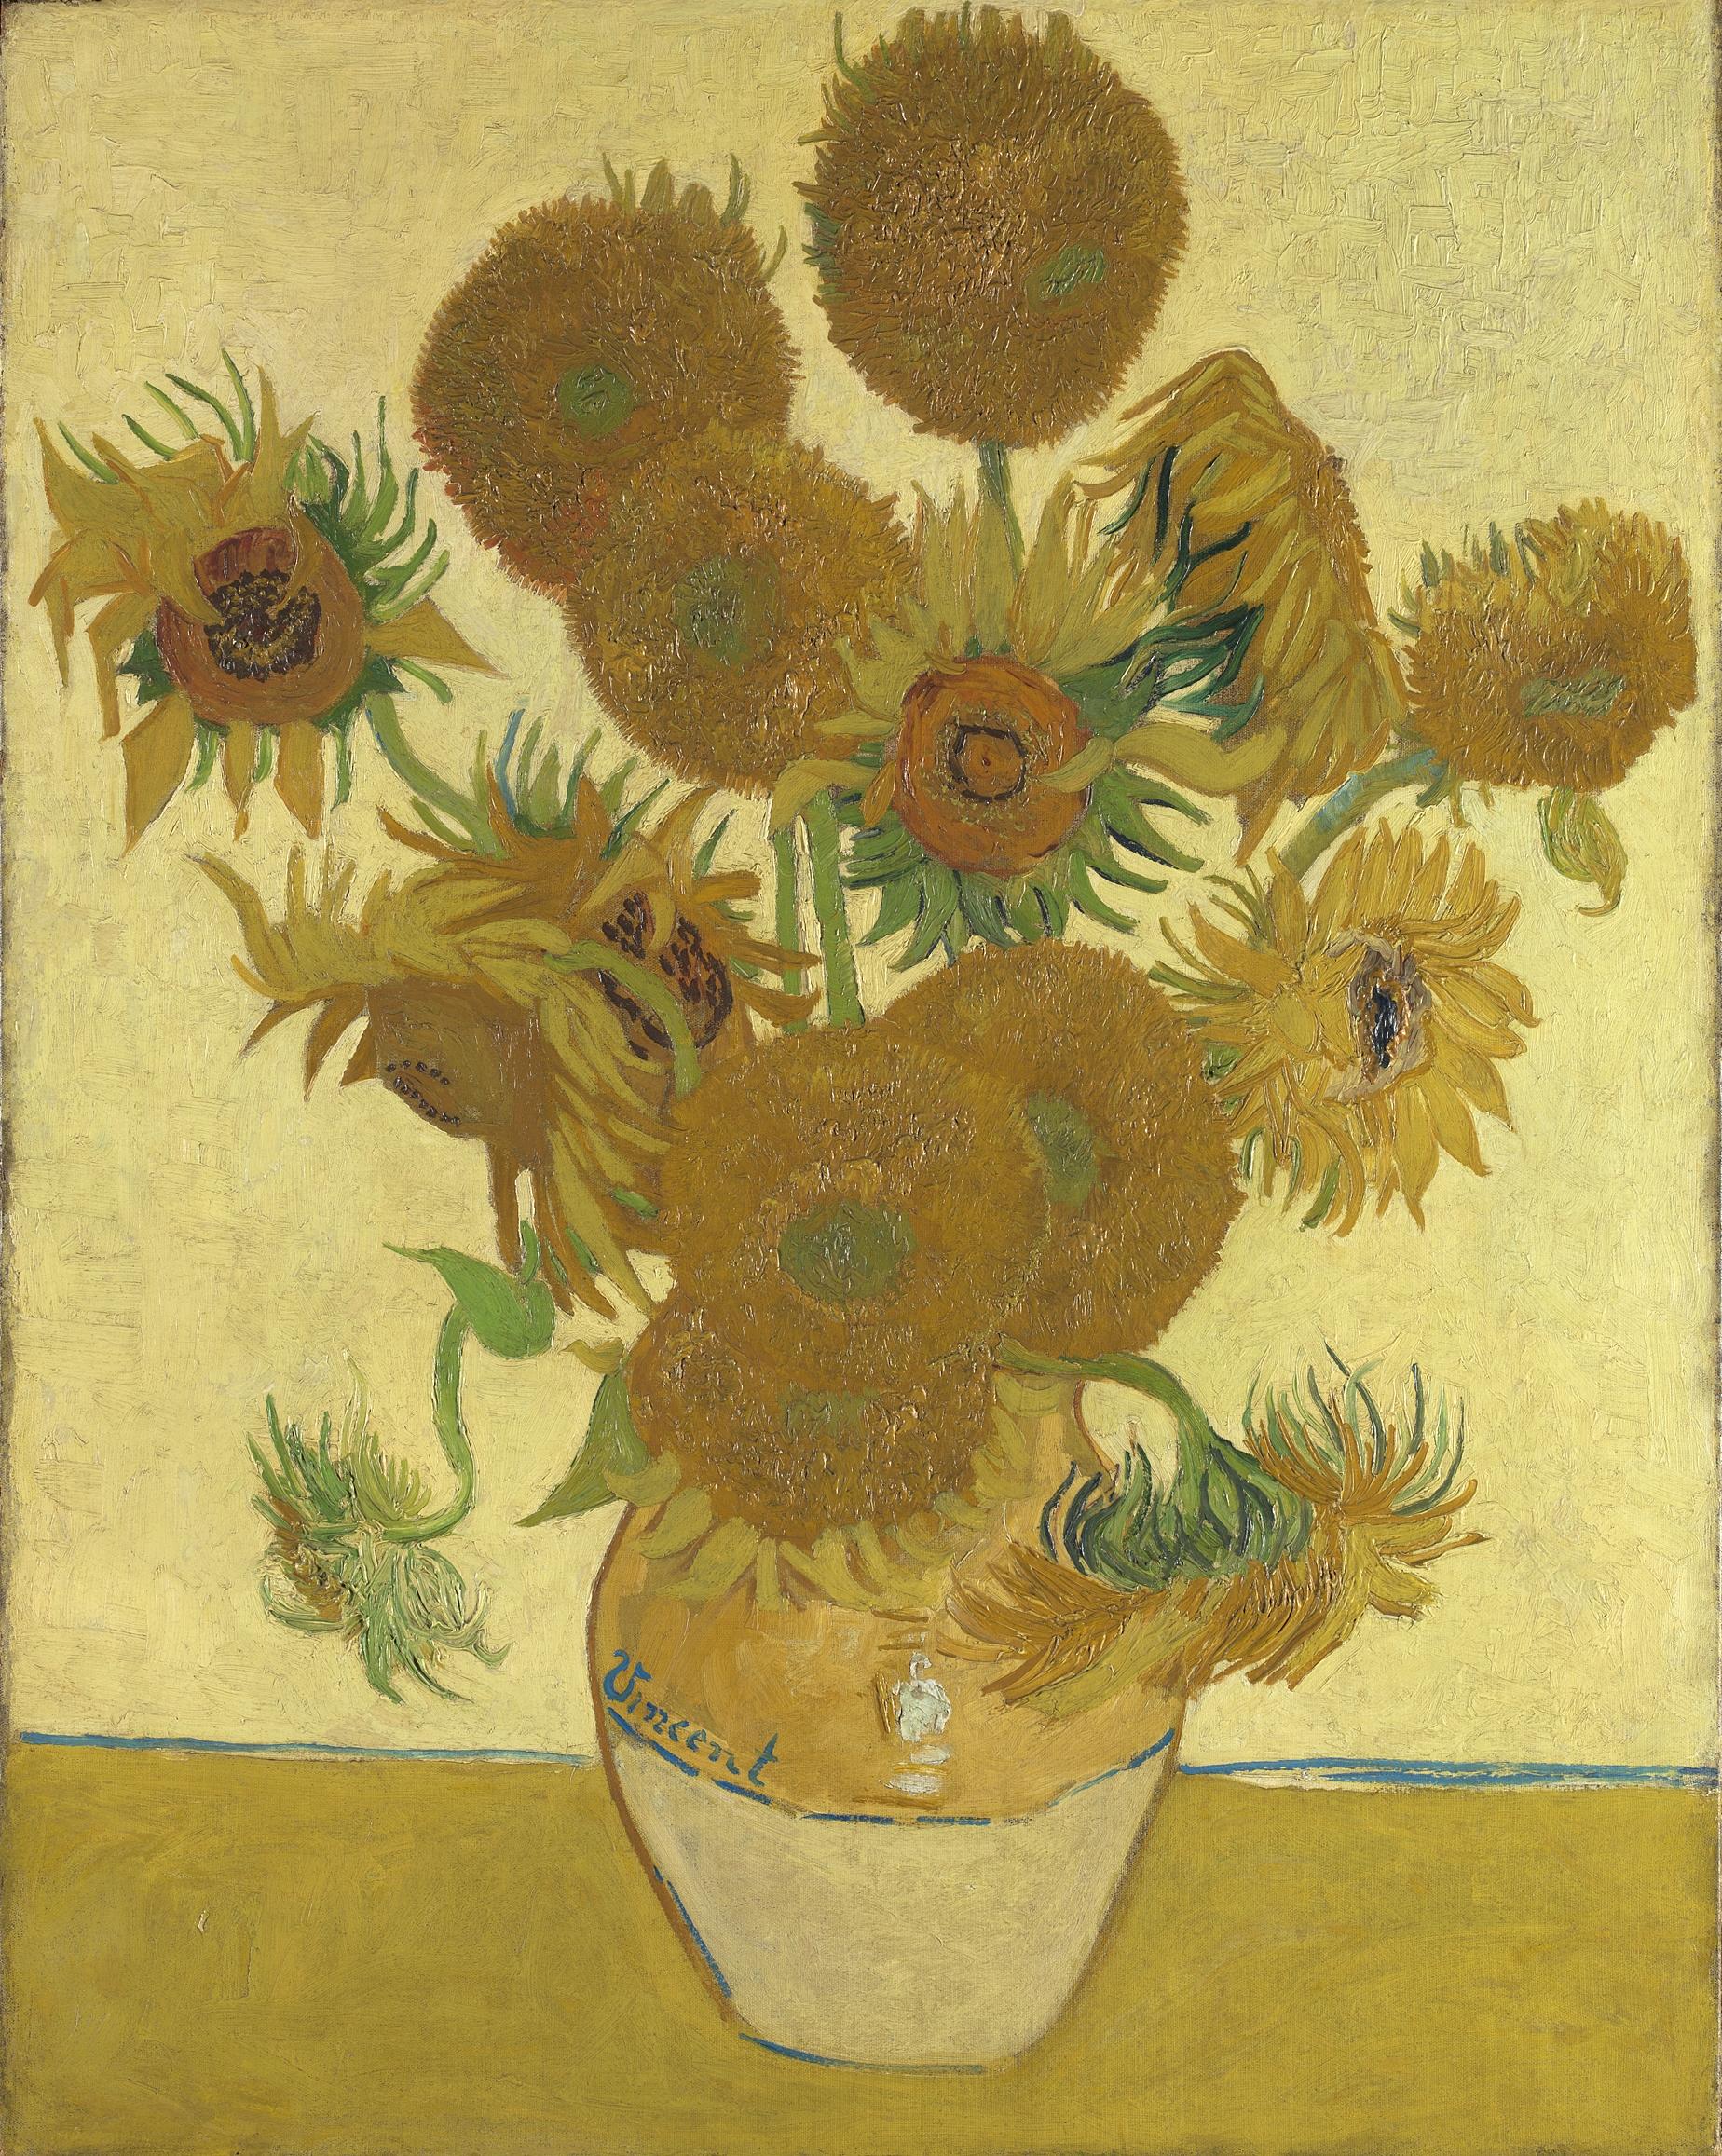 Vincent van Gogh (1853 – 1890) Sunflowers, 1888, Oil paint on canvas